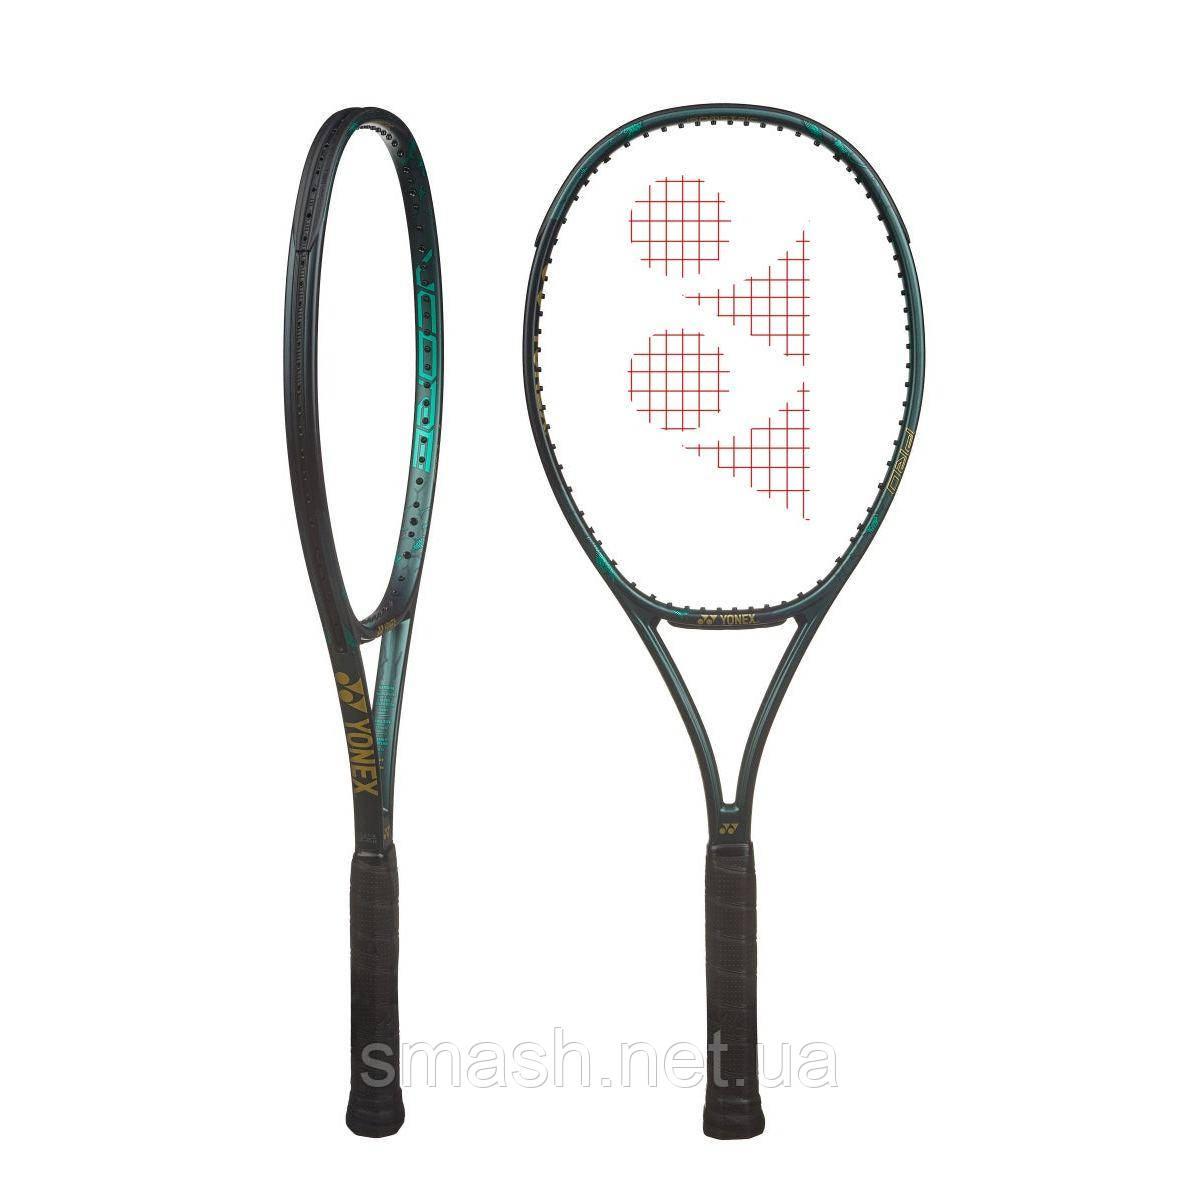 Ракетка для тенісу Yonex Vcore Pro 97 (310G) Matte Green